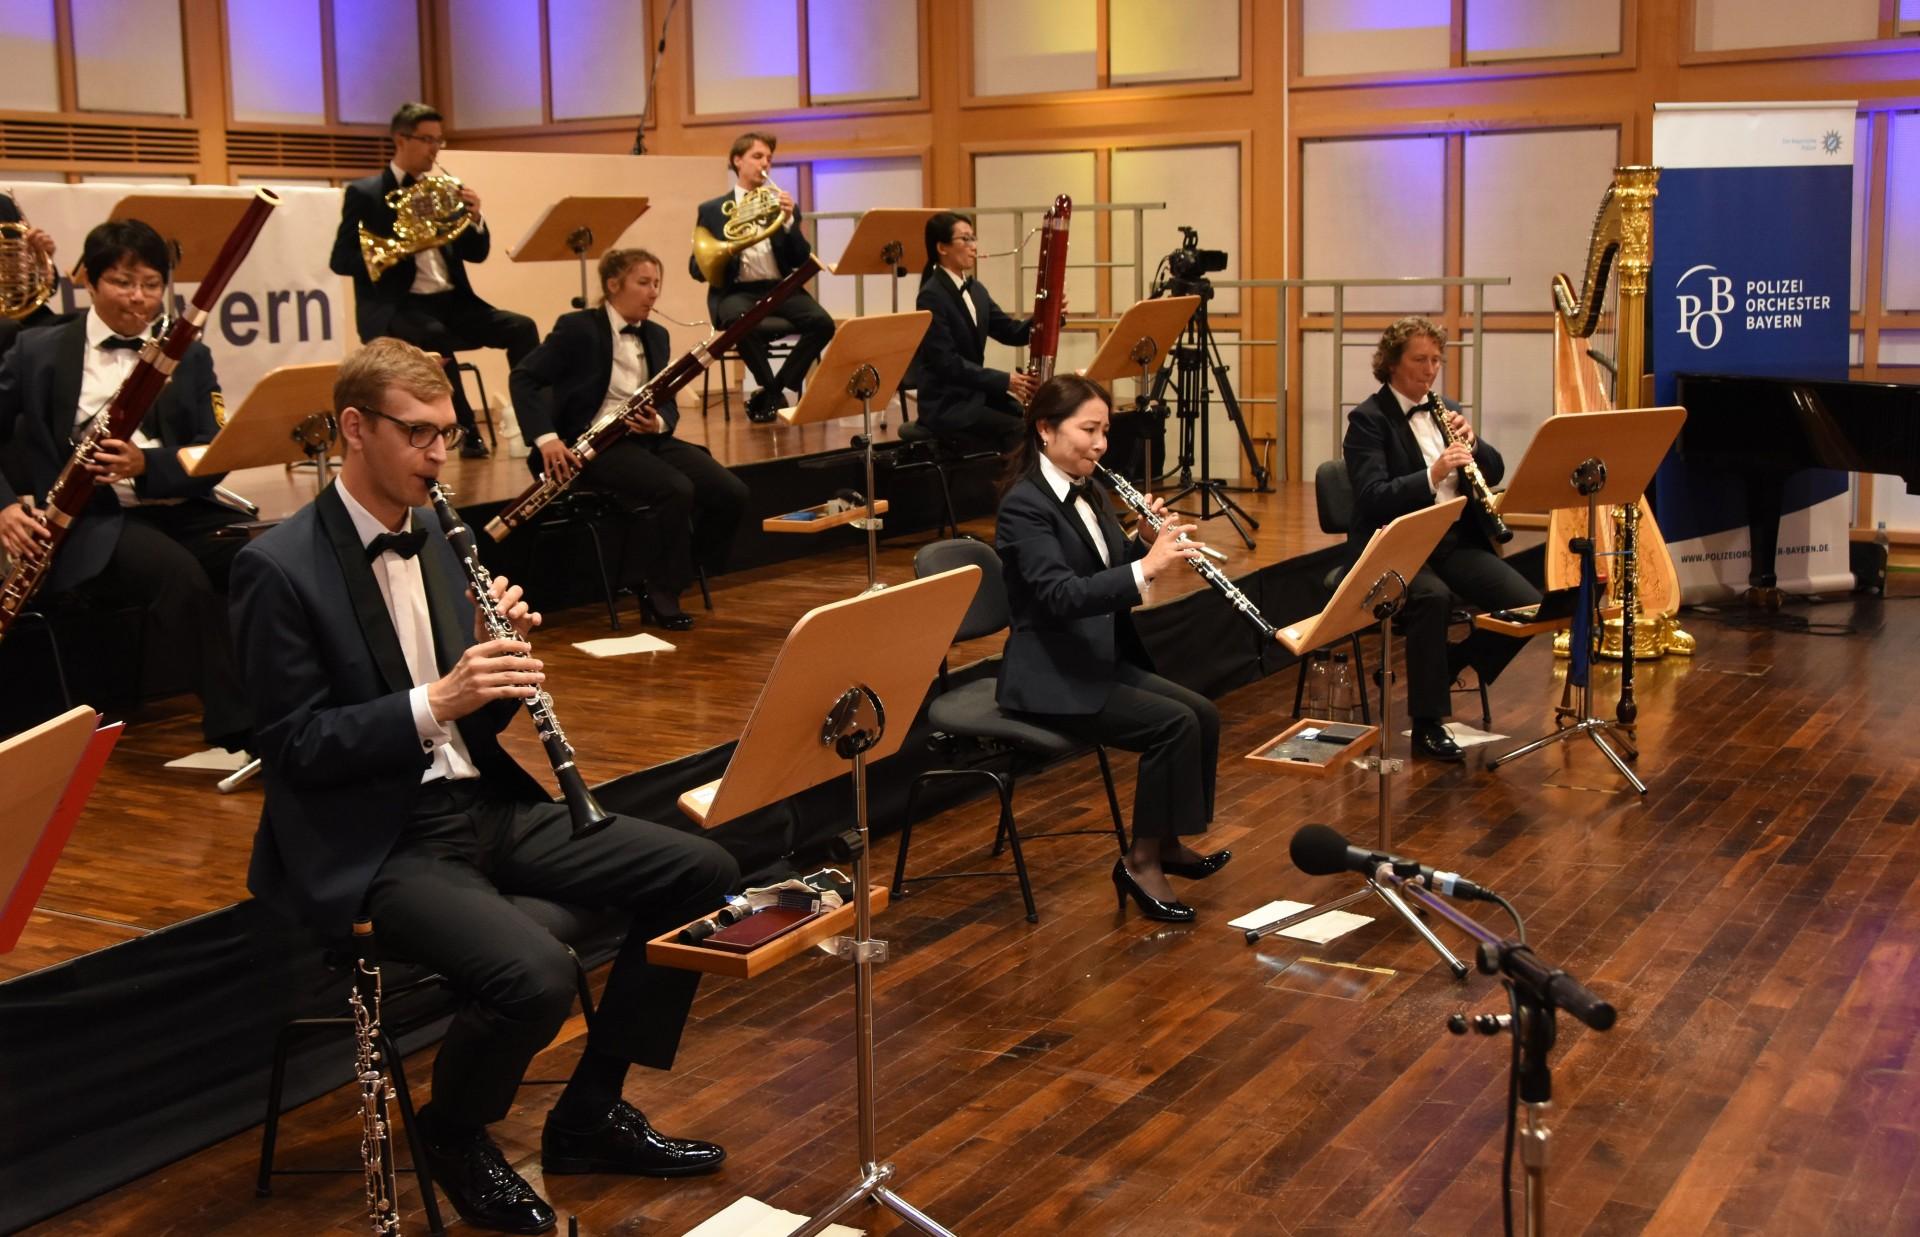 Konzert Polizeiorchester Bayern – nochmals verschoben auf 2021